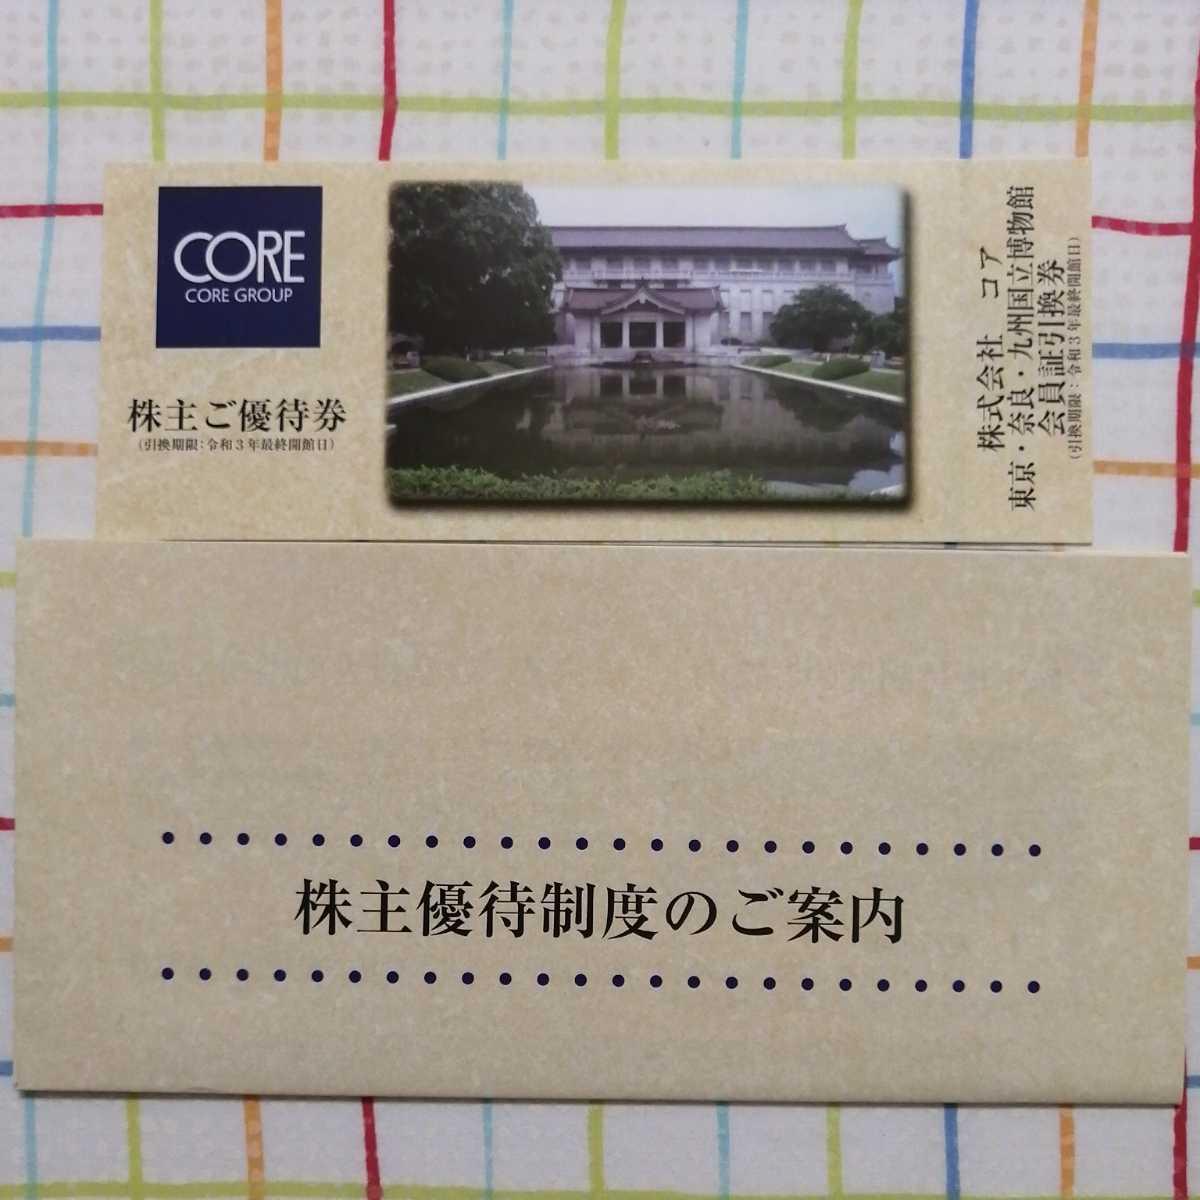 【送料無料】コア 株主優待券 国立博物館 プレミアムパス 年間パスポート_画像1